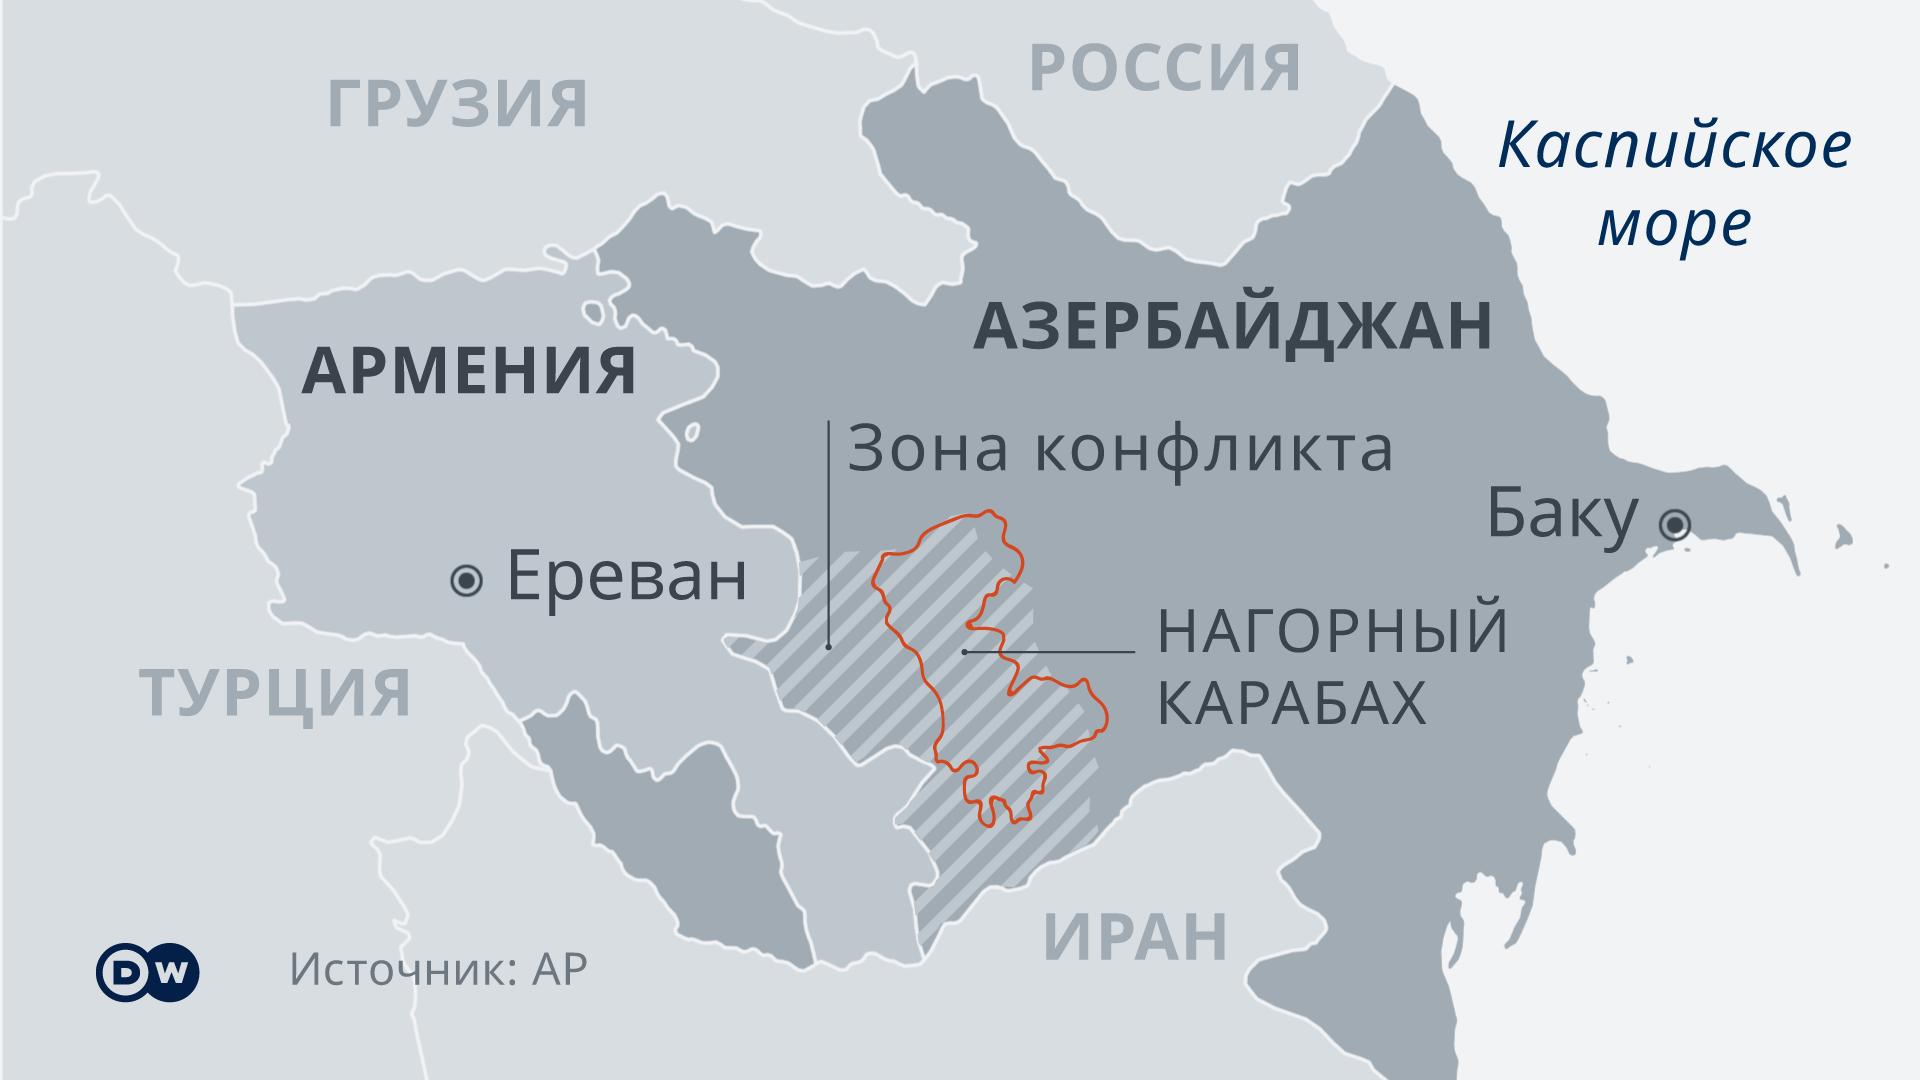 """""""Жизни здесь больше нет"""". Что происходит в Нагорном Карабахе после перемирия — репортаж DW"""